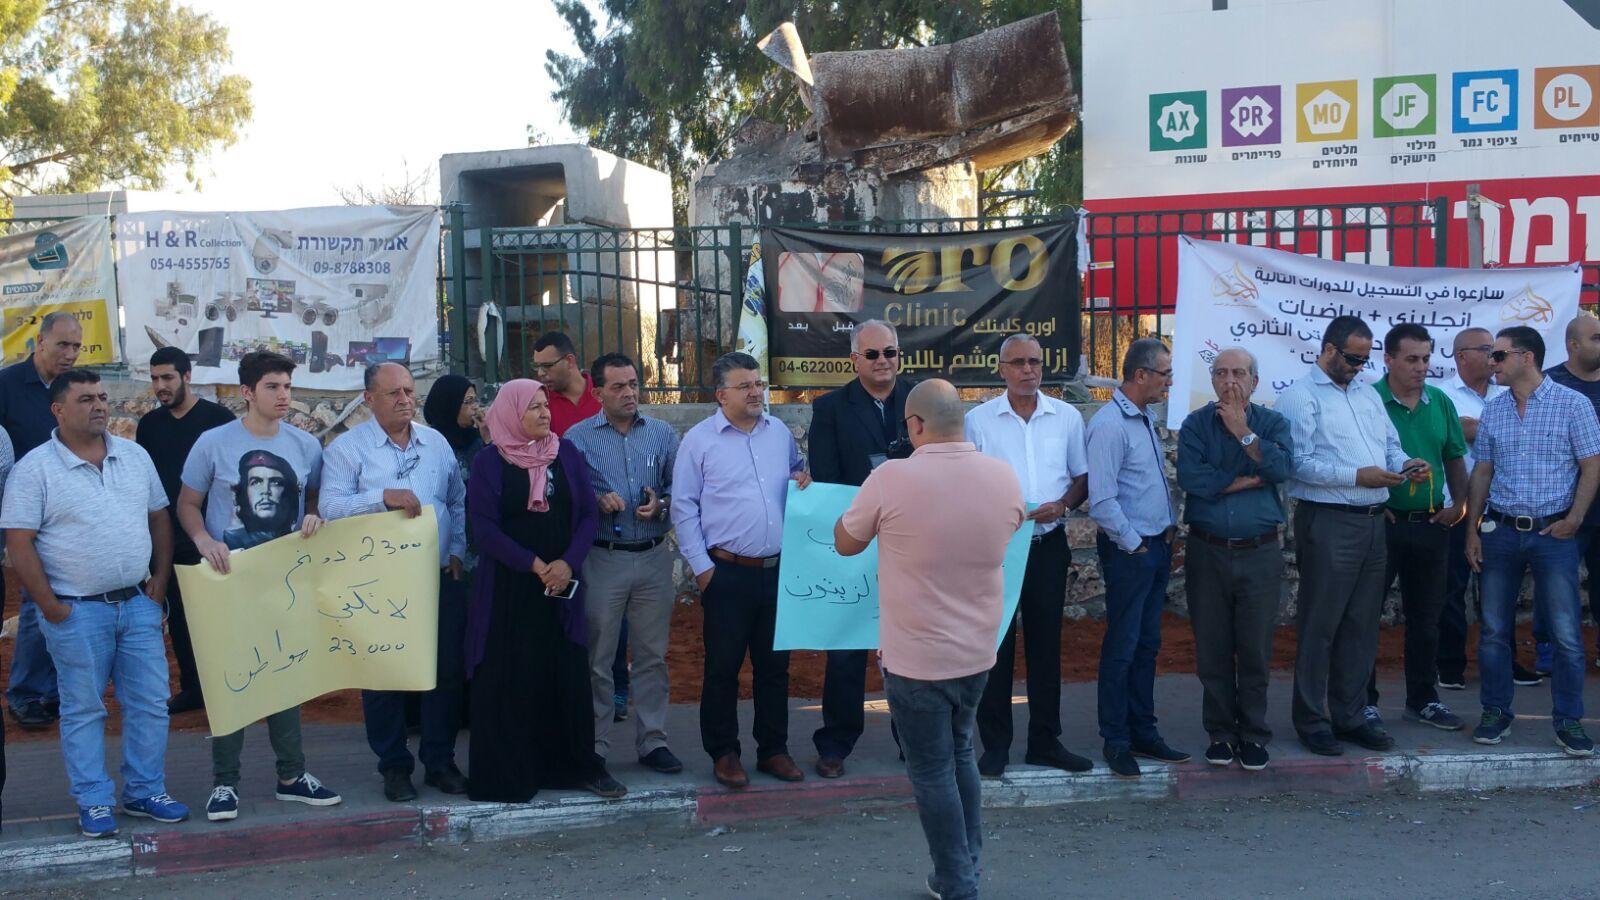 تجدد المظاهرات في قلنسوة رفضا لهدم المنازل العربية